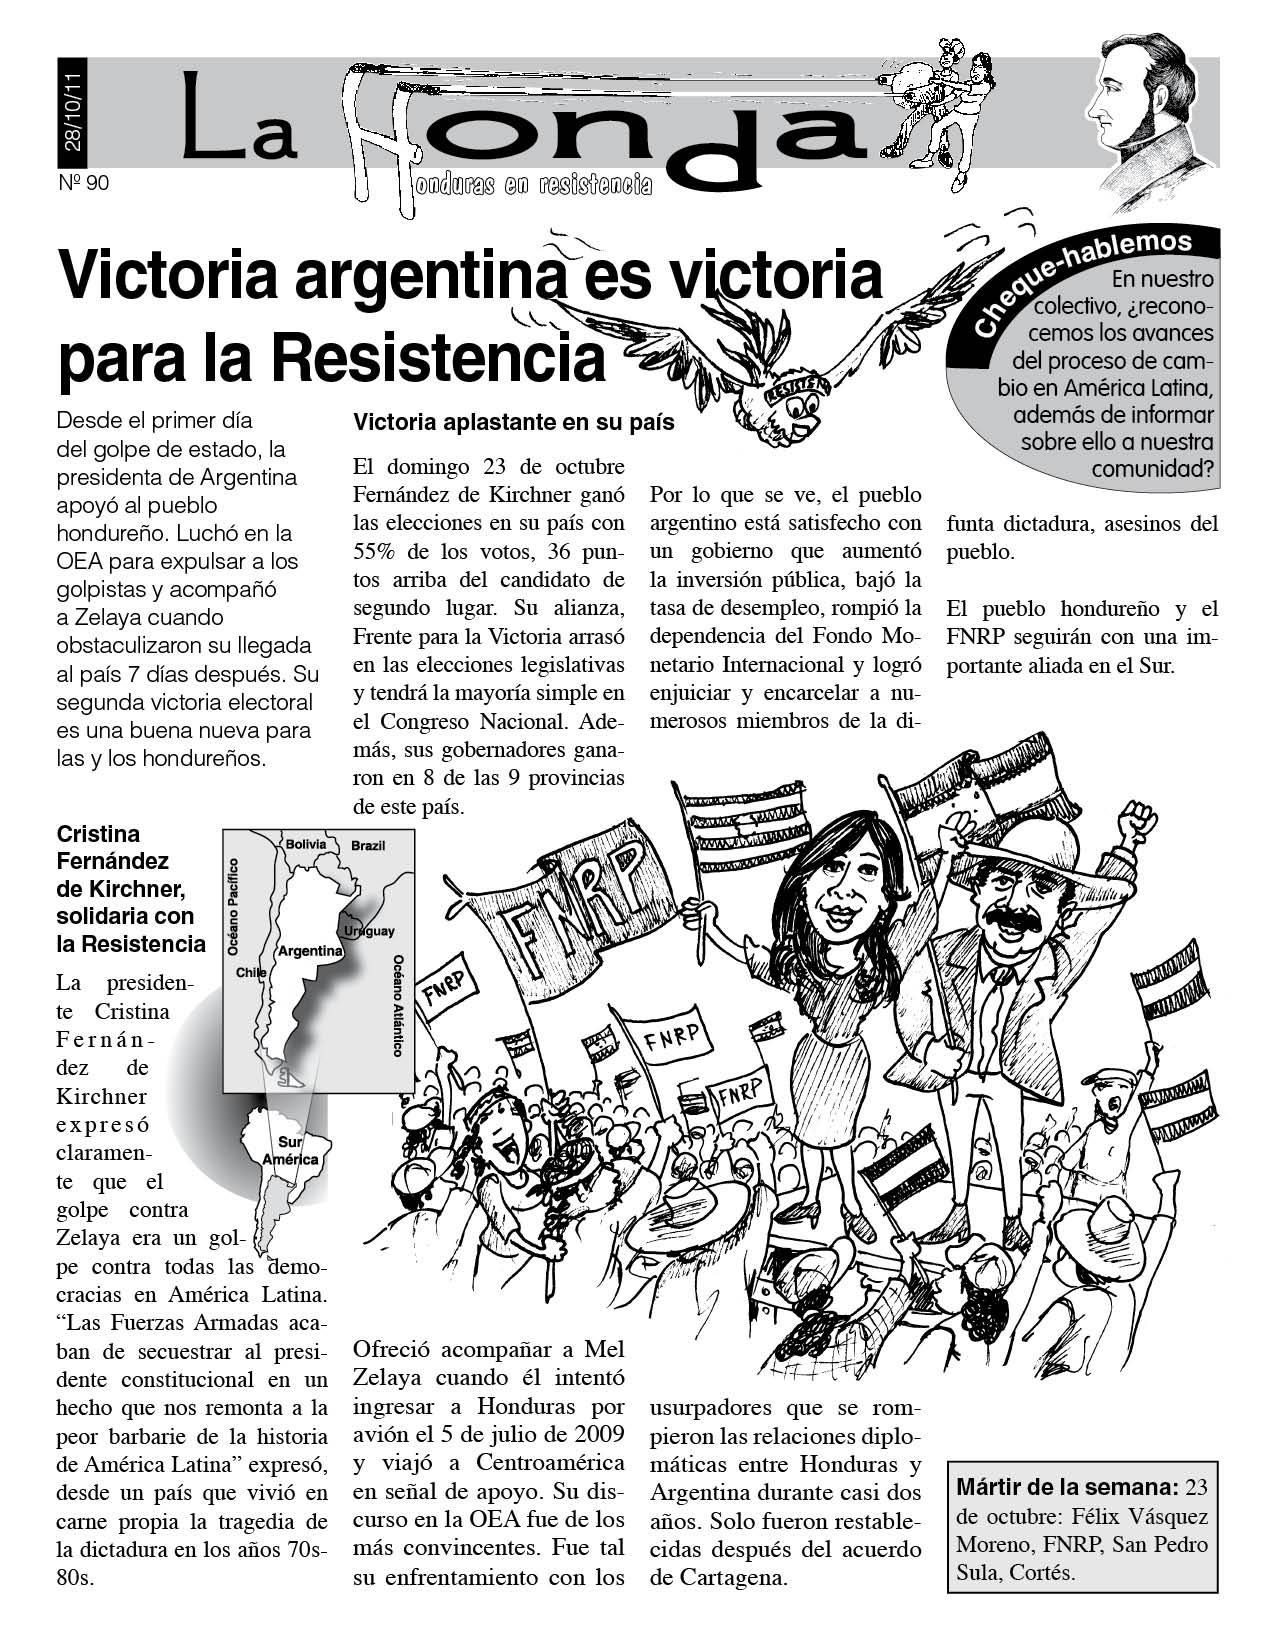 La Honda 90 :Victoria argentina es victoria para la Resistencia